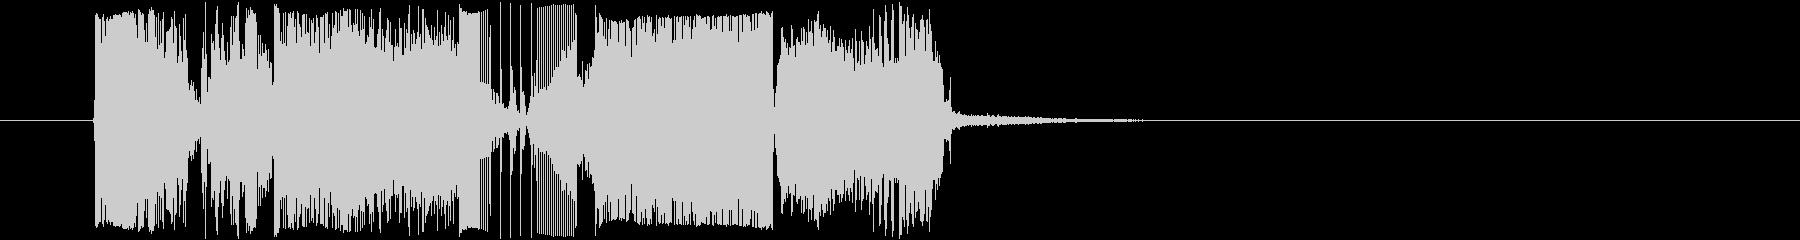 エレクトロ_ハイクオリティージングル_9の未再生の波形